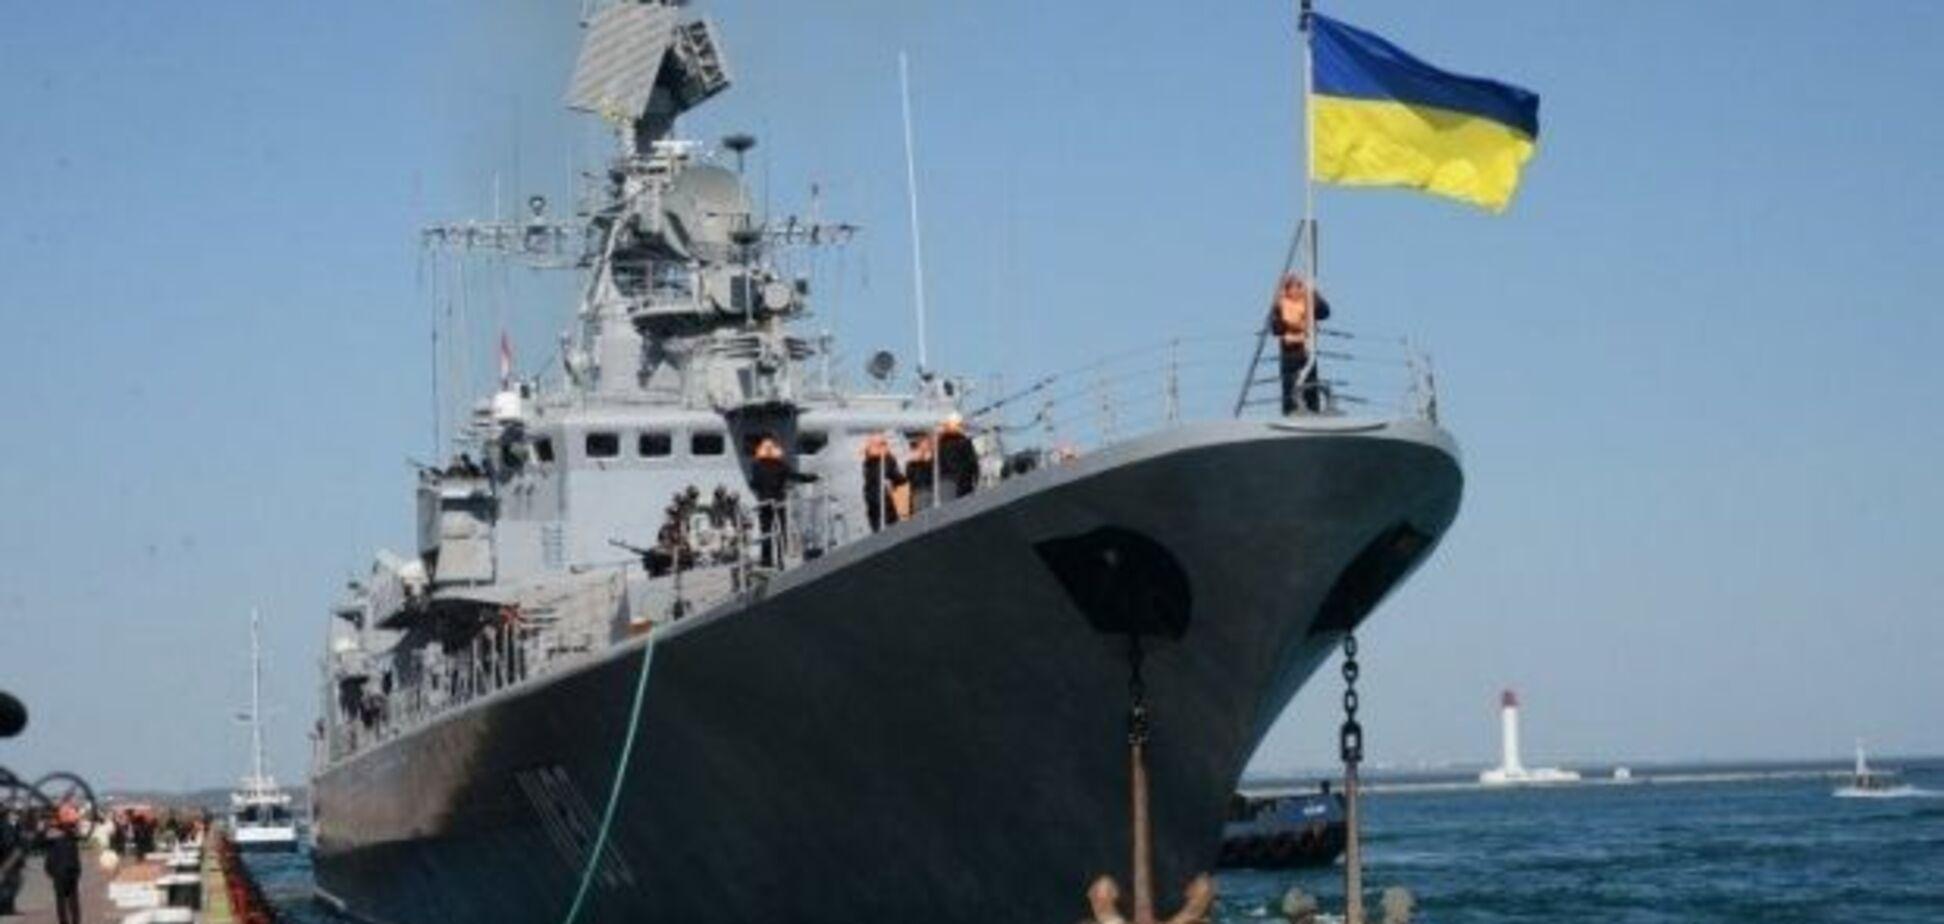 ''Смоем, если полезут'': украинский флот пригрозил россиянам в Азовском море